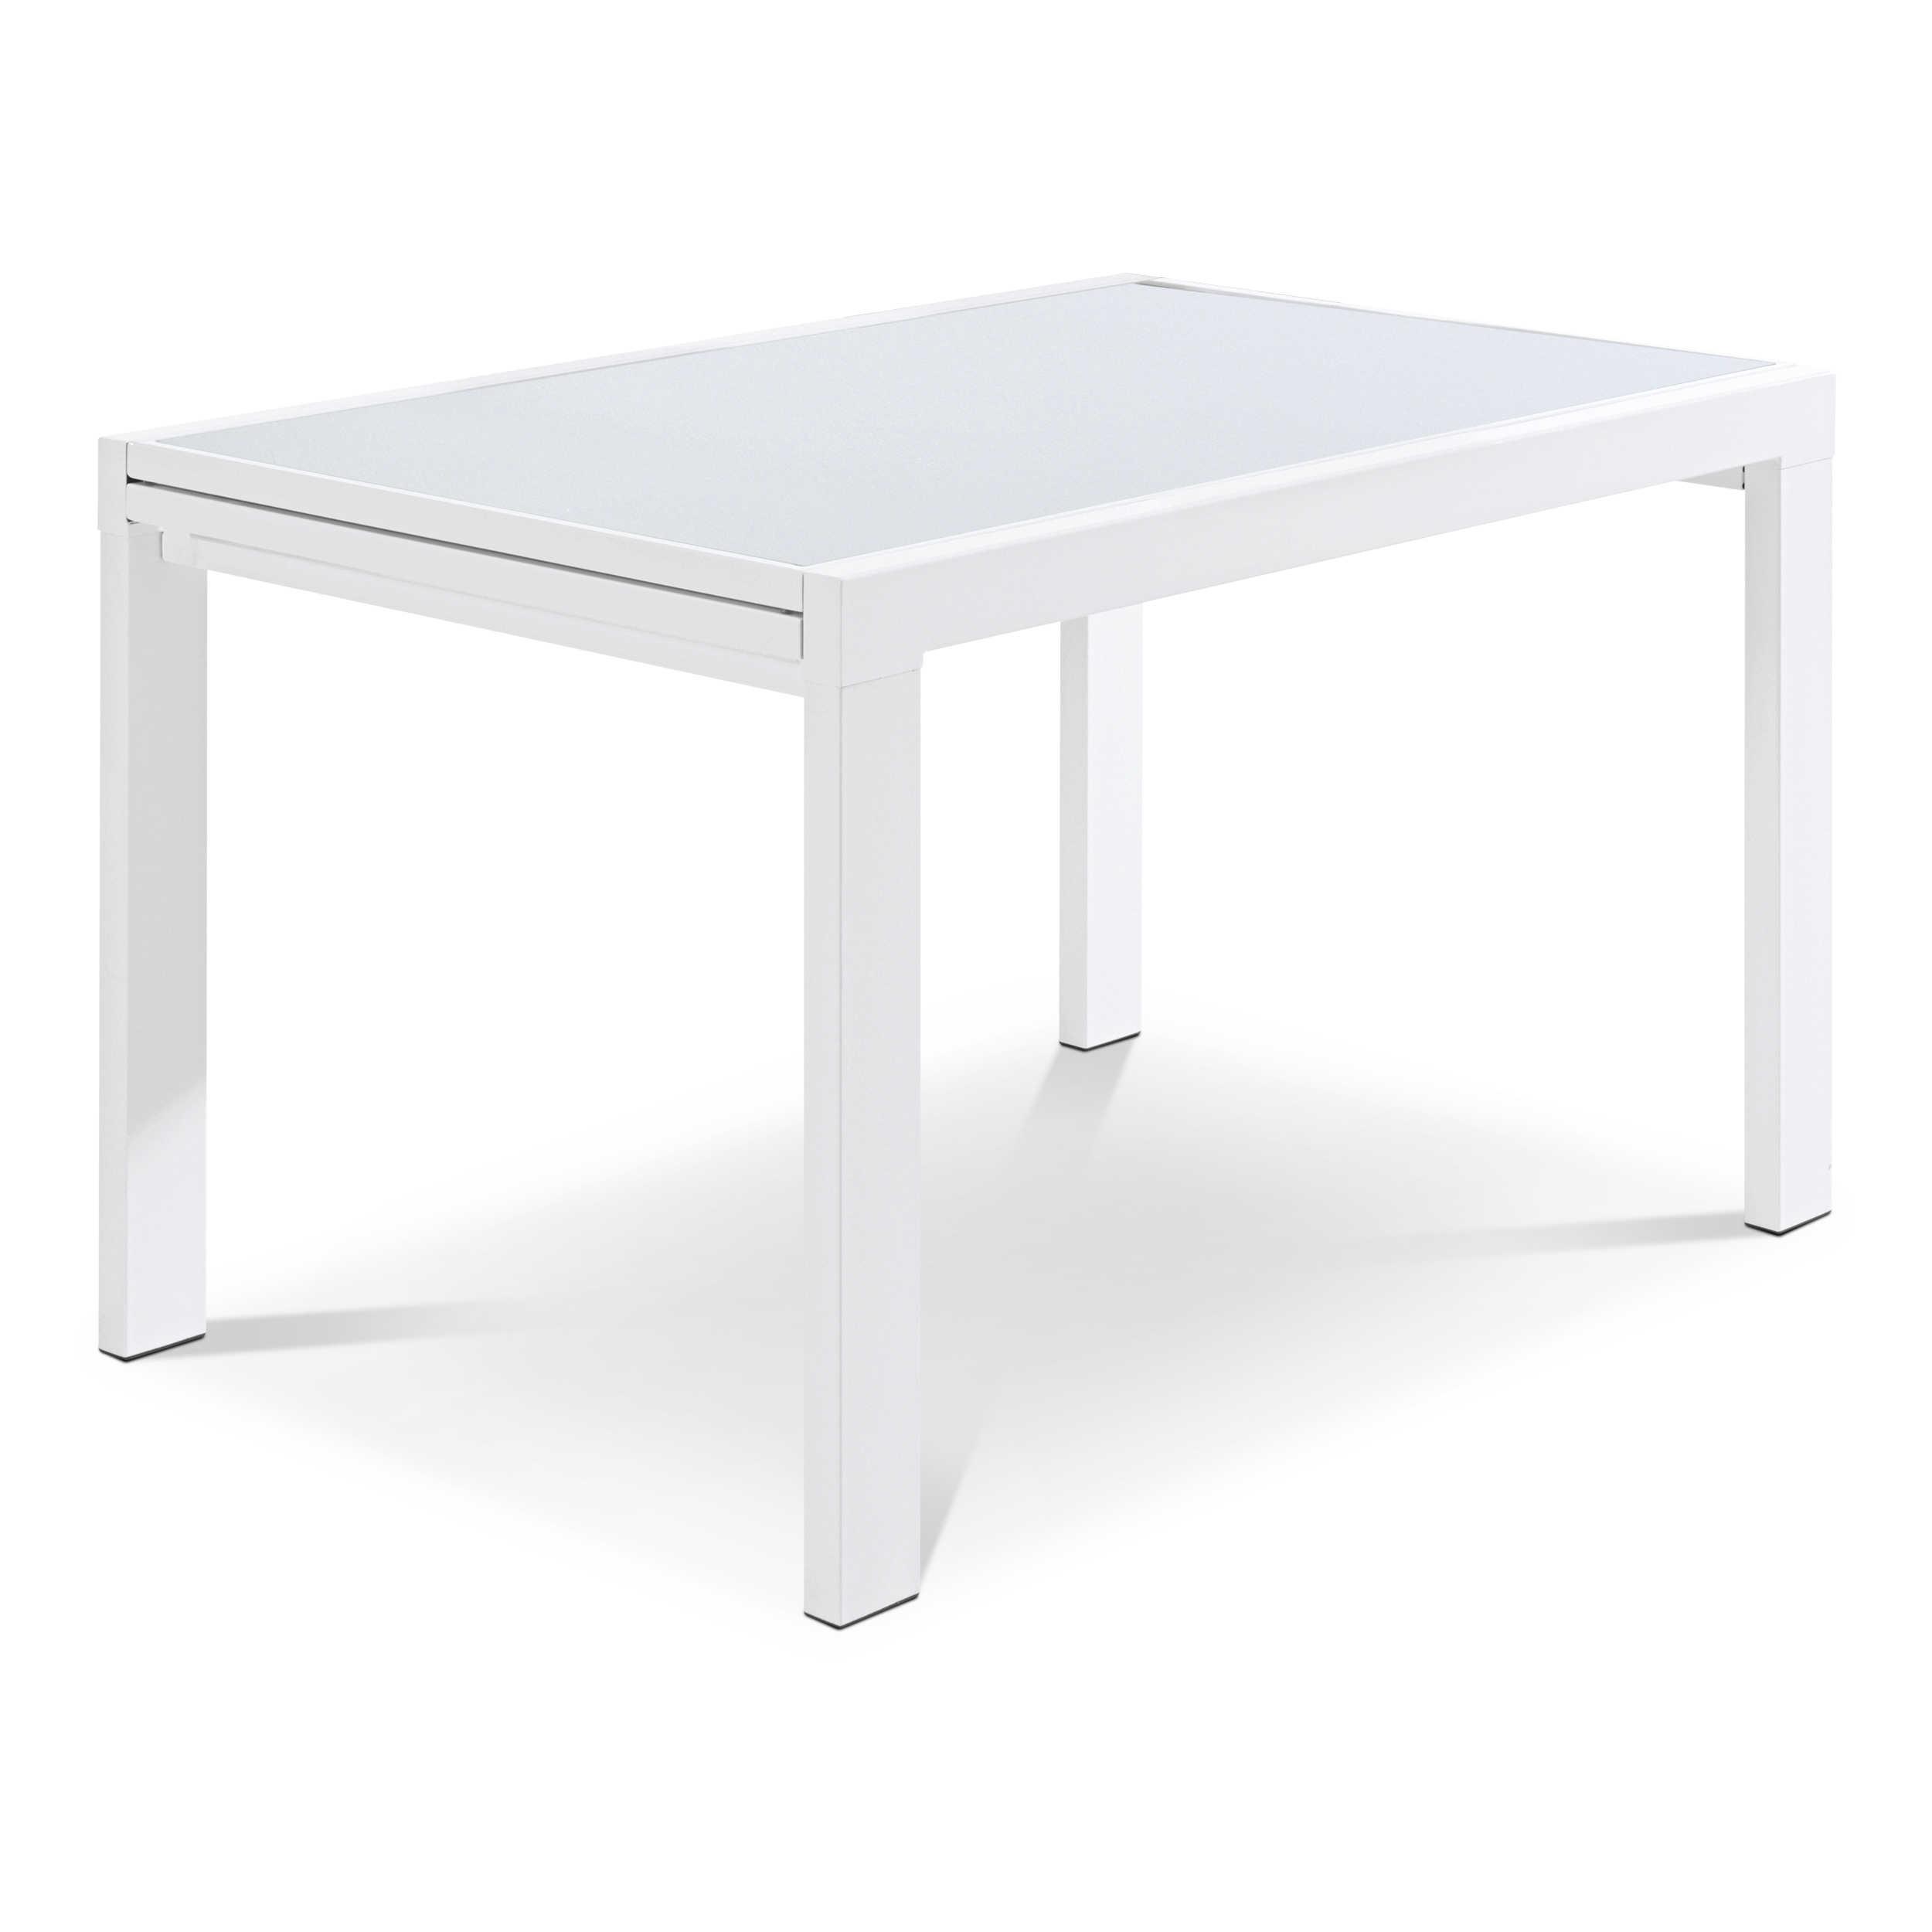 esstisch mit auszug amaro 90 180 x 90 cm transparent glas online kaufen bei woonio. Black Bedroom Furniture Sets. Home Design Ideas